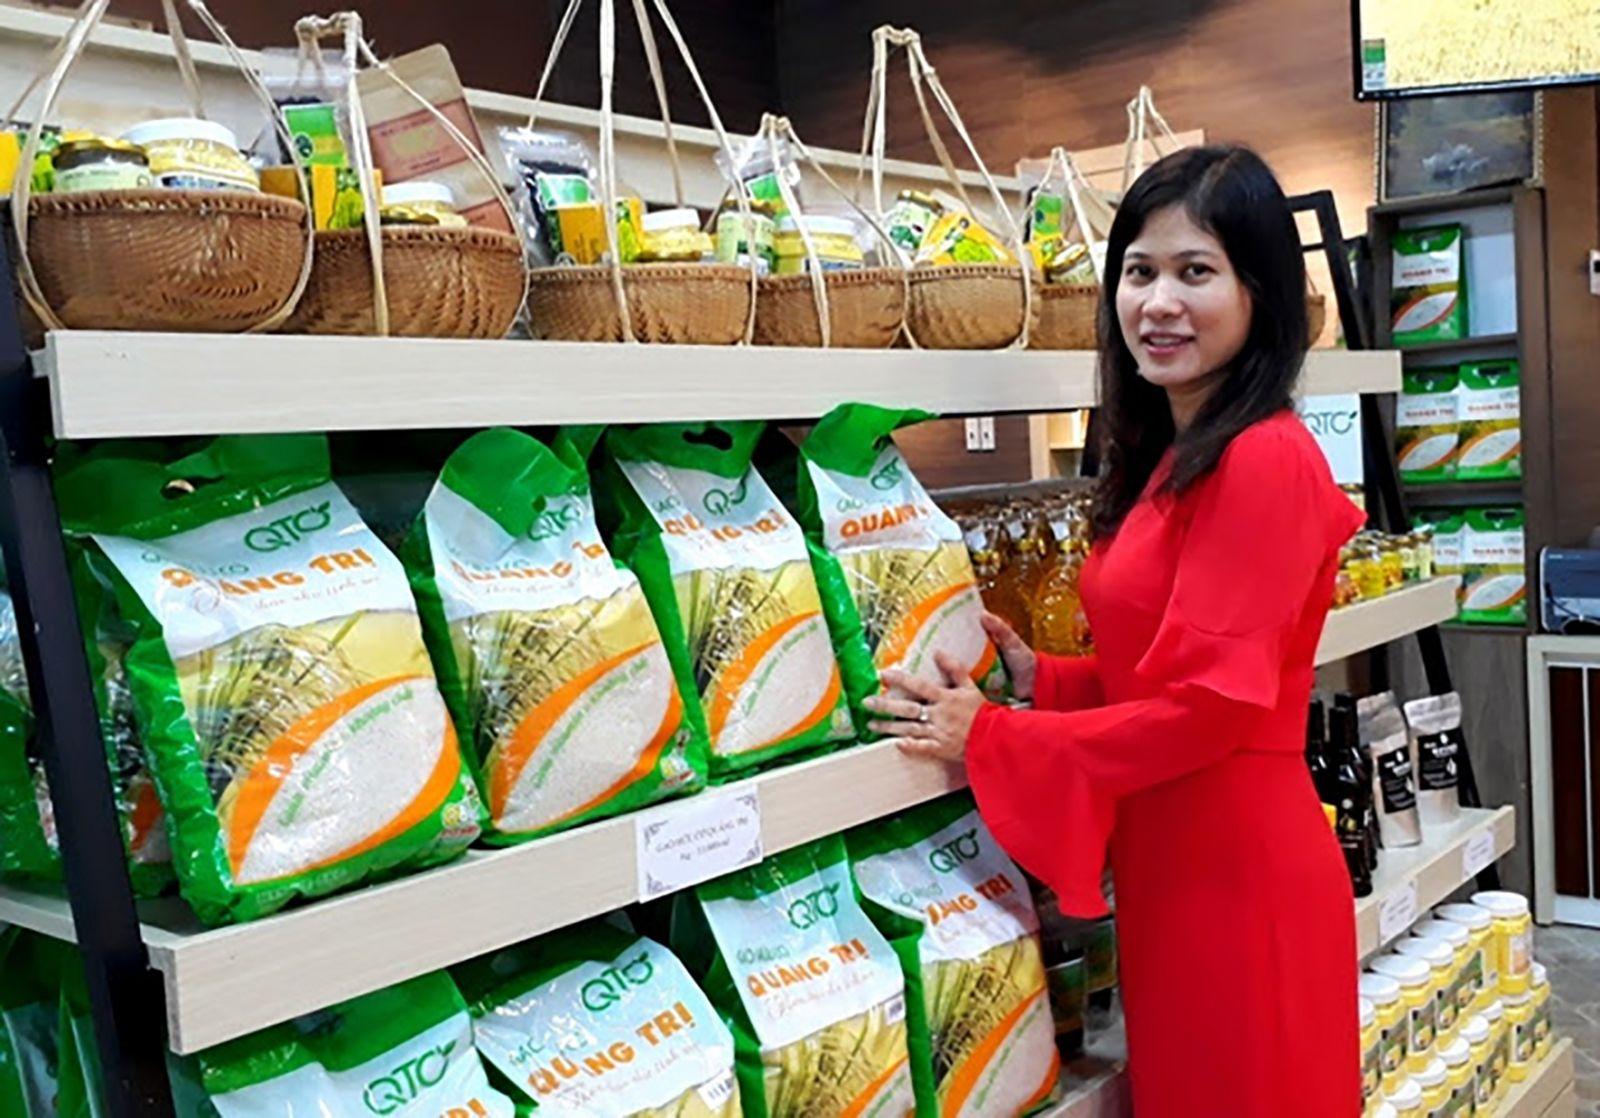 Gạo hữu cơ Quảng Trị hiện đã được bày bán tại các siêu thị trên toàn quốc